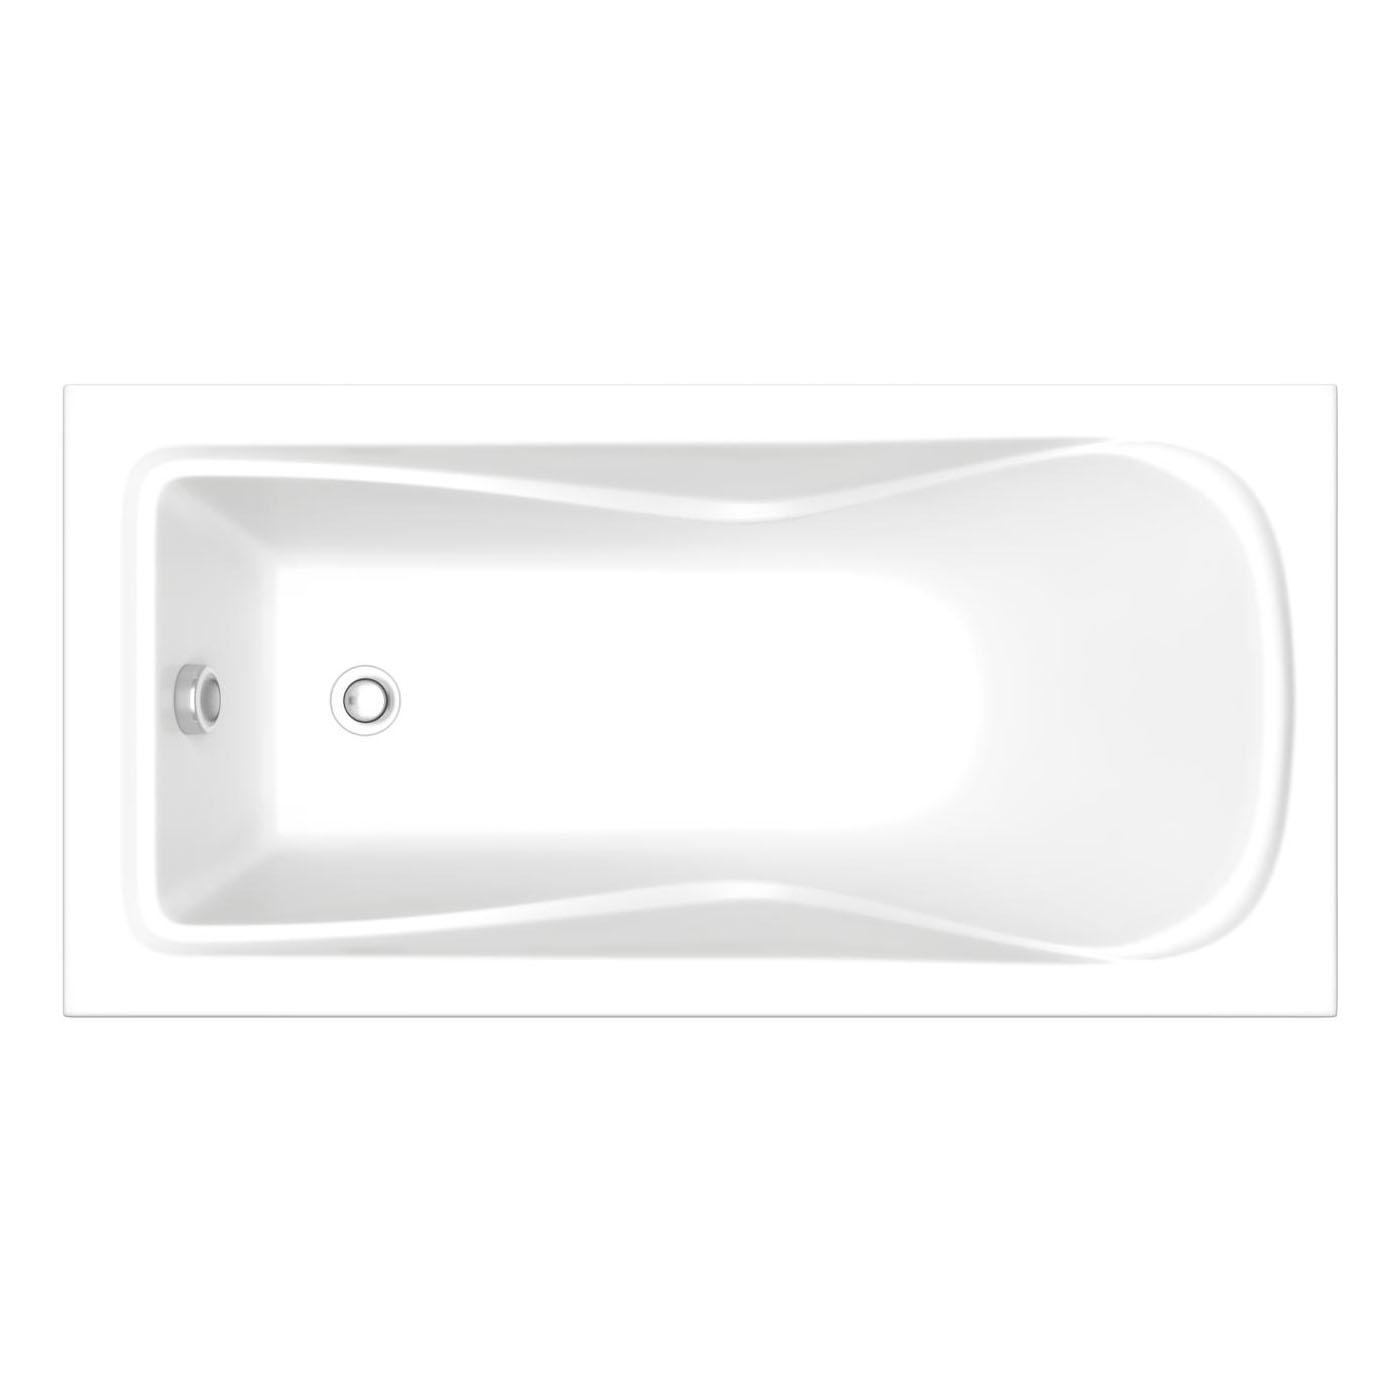 Акриловая ванна Bas Галант ST. 160х70 без гидромассажа акриловая ванна bas империал 150x150 без гидромассажа